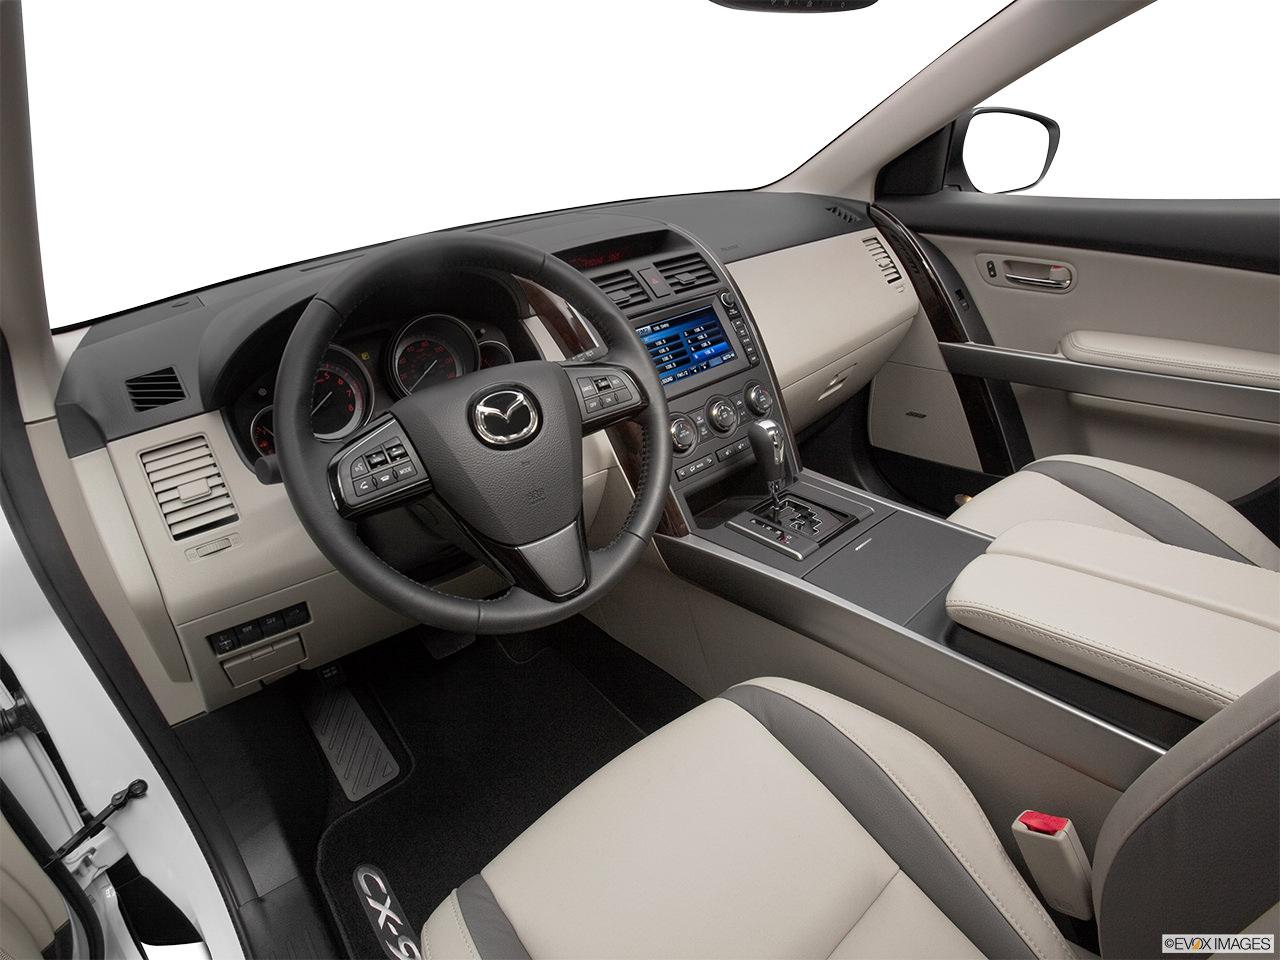 Mazda CX-9 2012 Interior